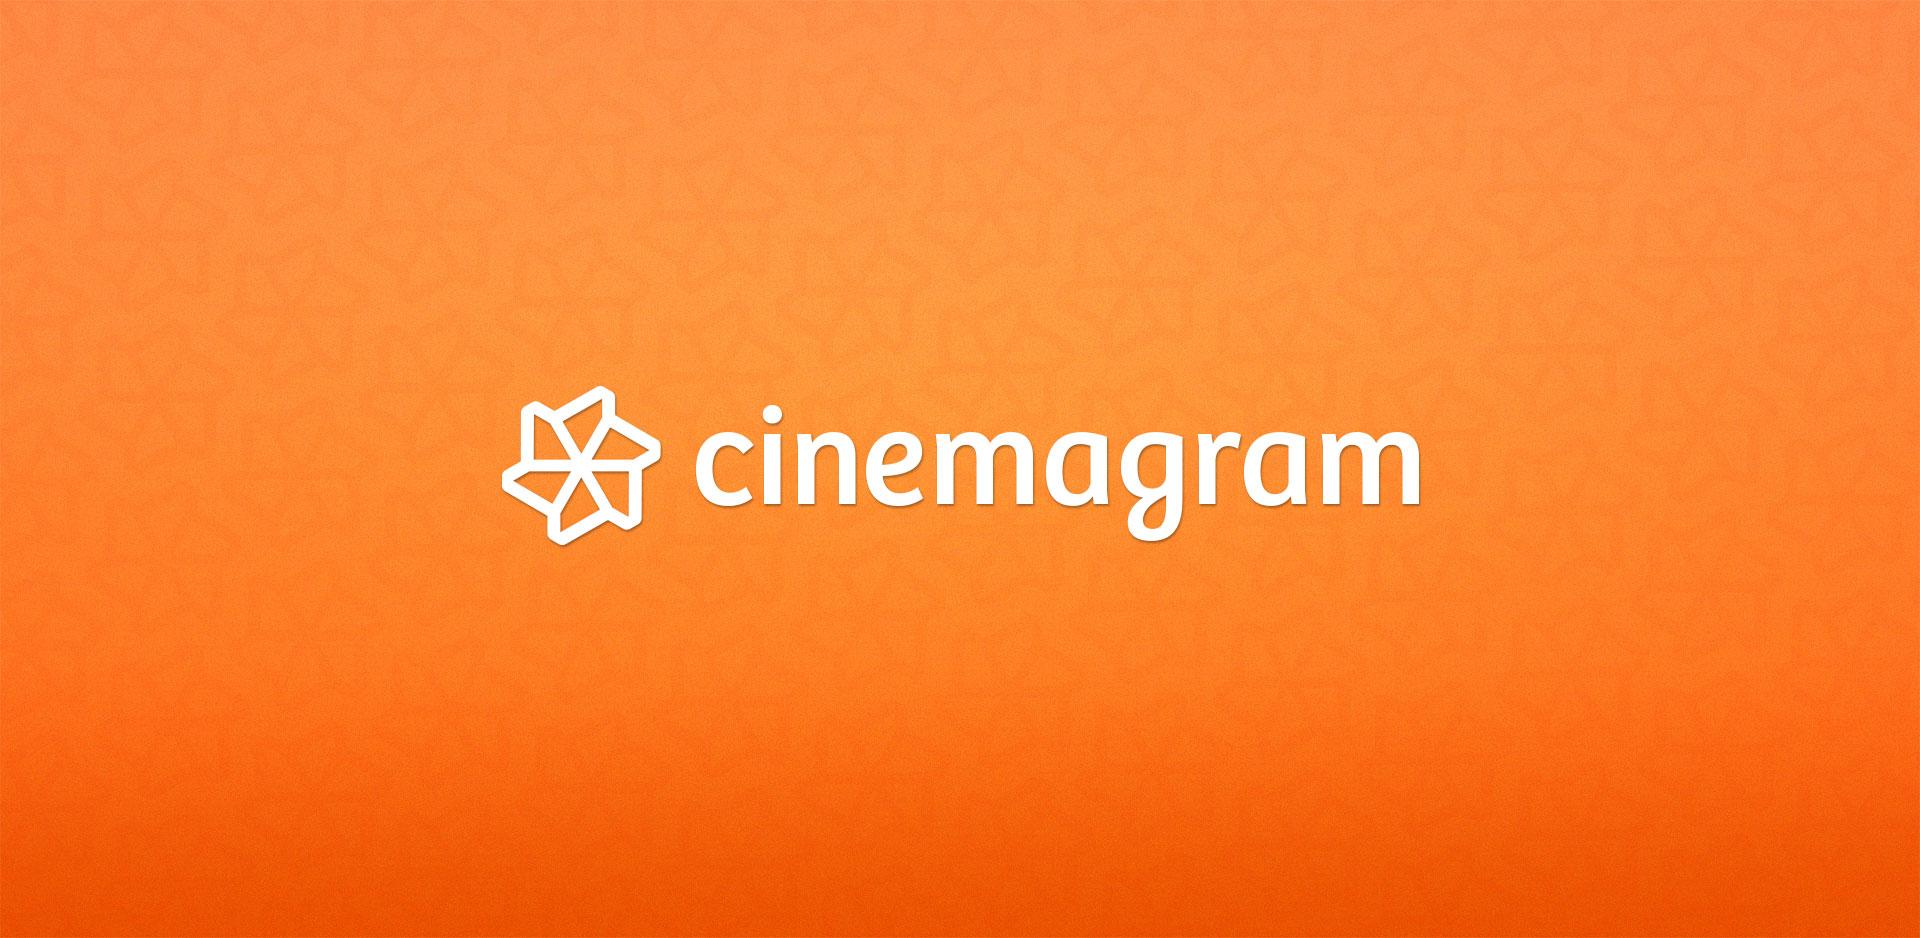 cinemagram-brand-1